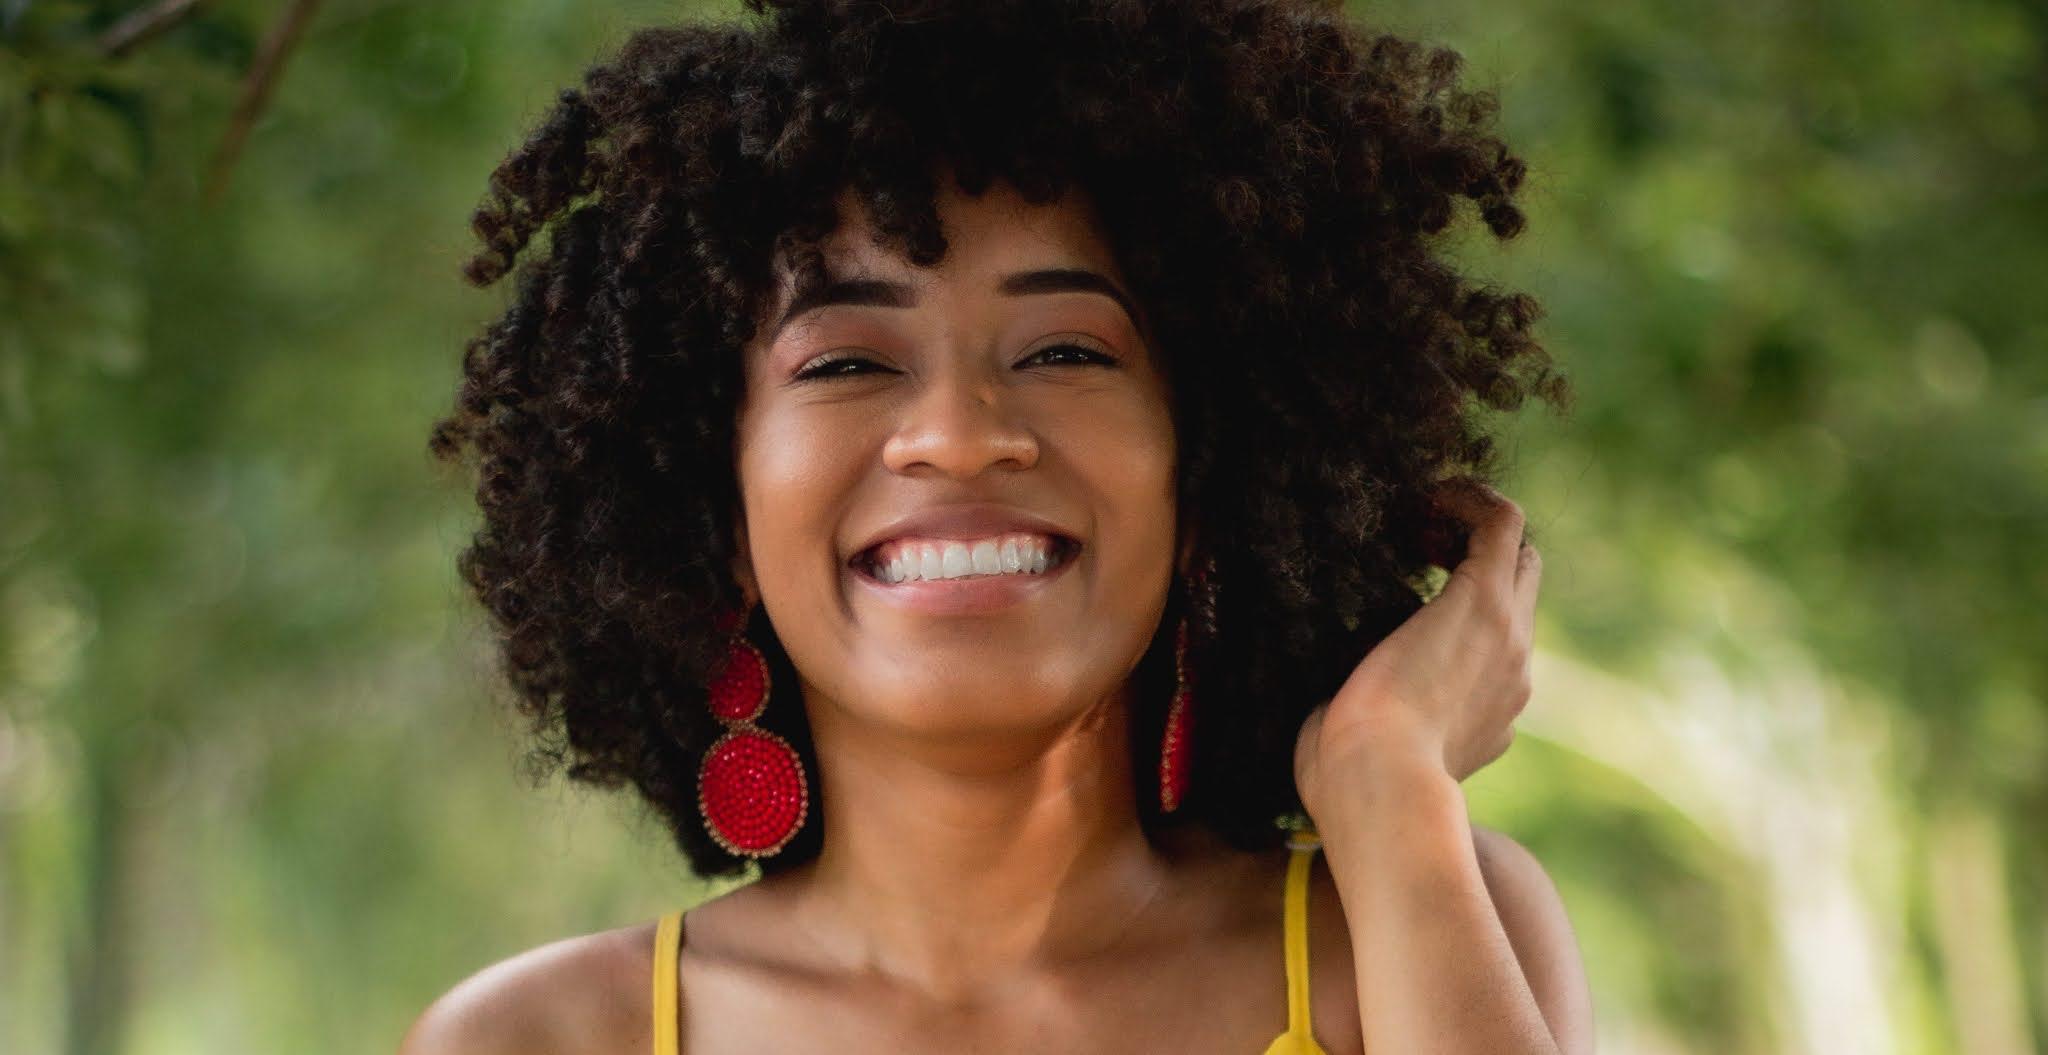 7 Motivos pelos Quais seu Cabelo é Ressecado - Porosidade, Descoloração, Tratamento, Build up, dano solar, shampoo e dano térmico